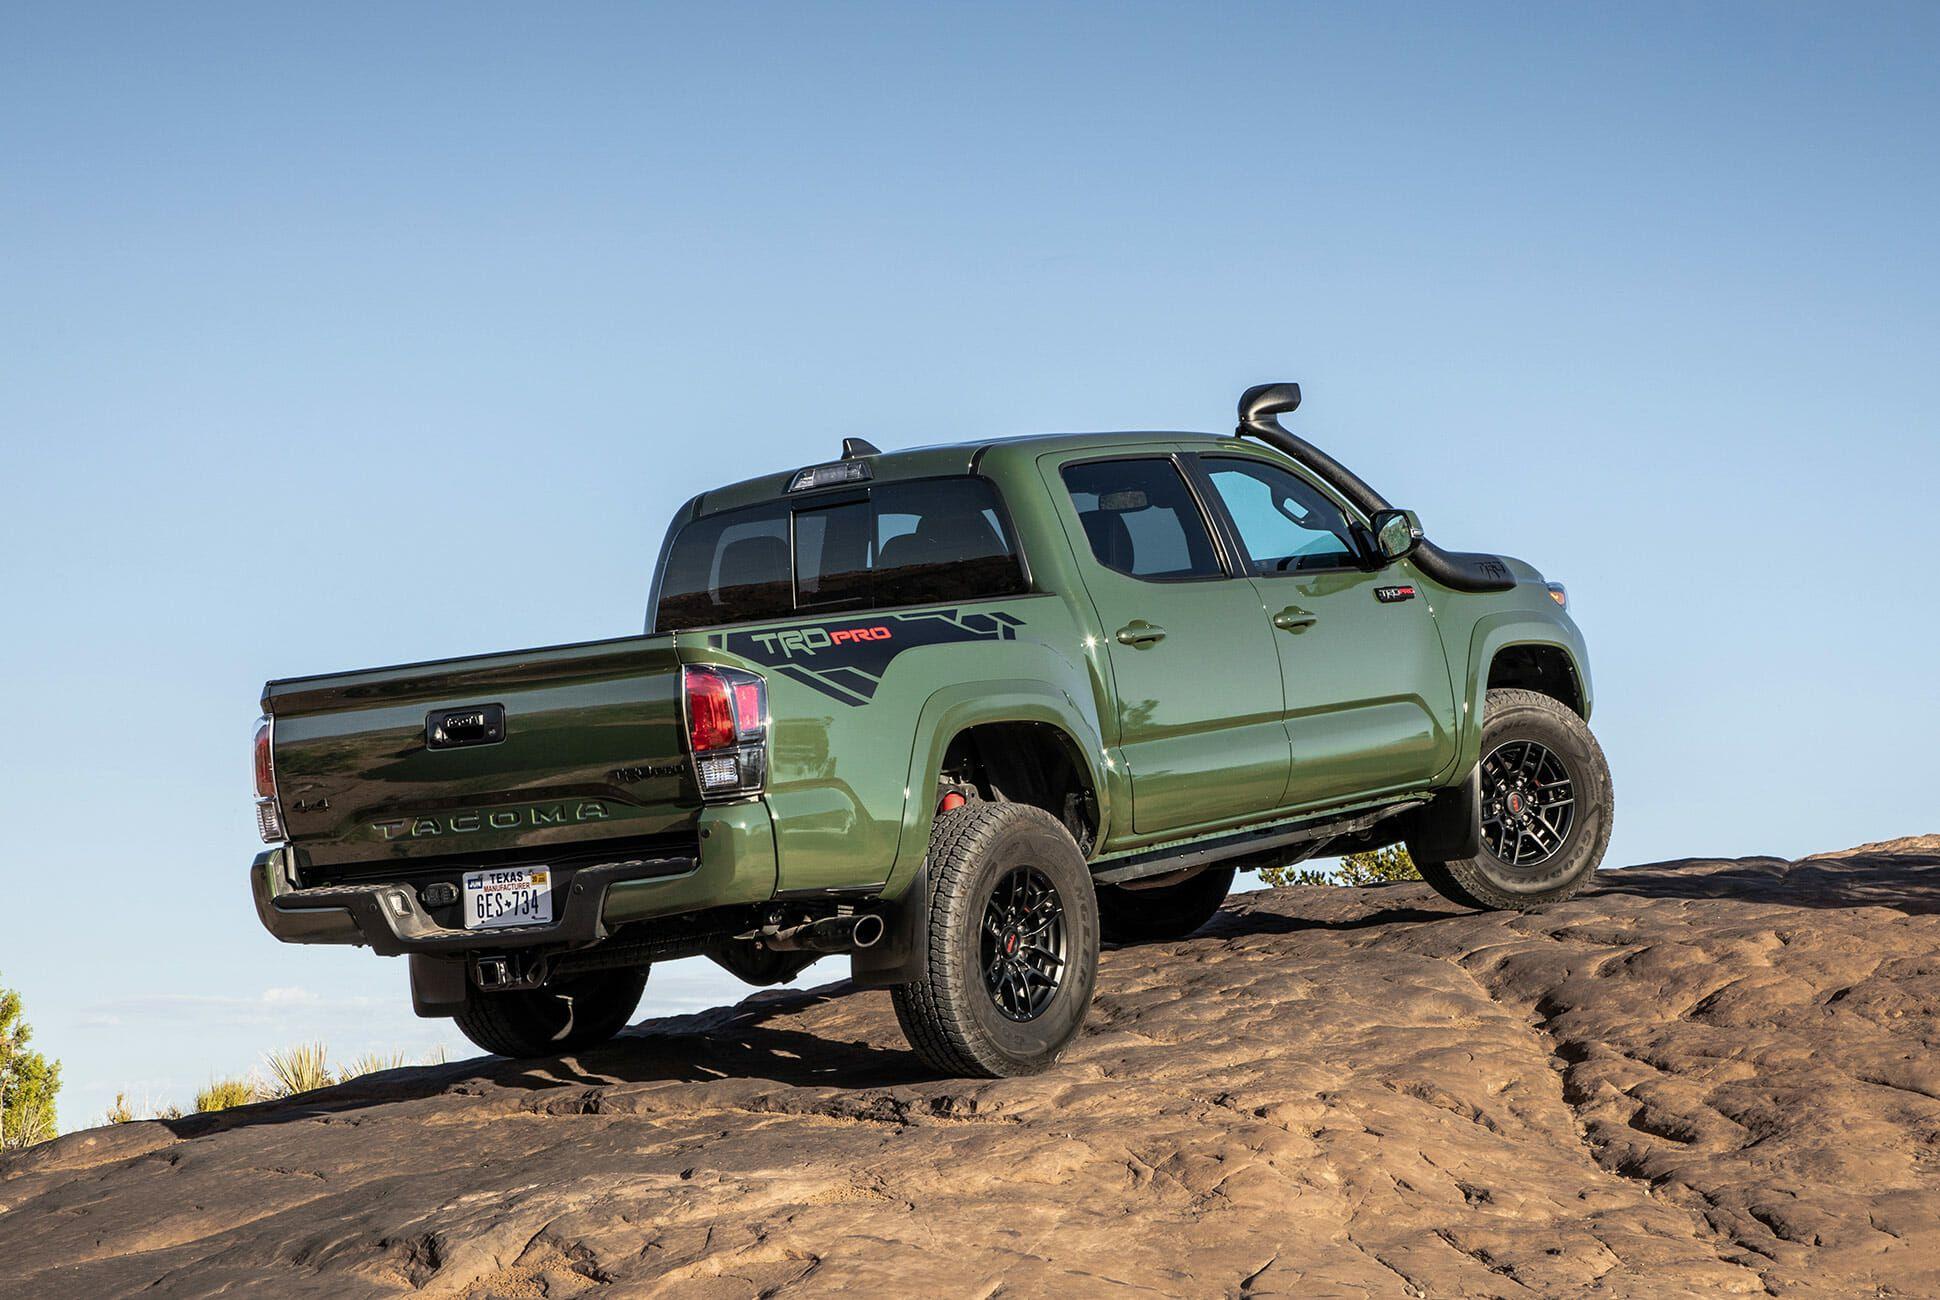 Toyota-4Runner-Tacoma-TRD-Pro-2020-gear-patrol-slide-10